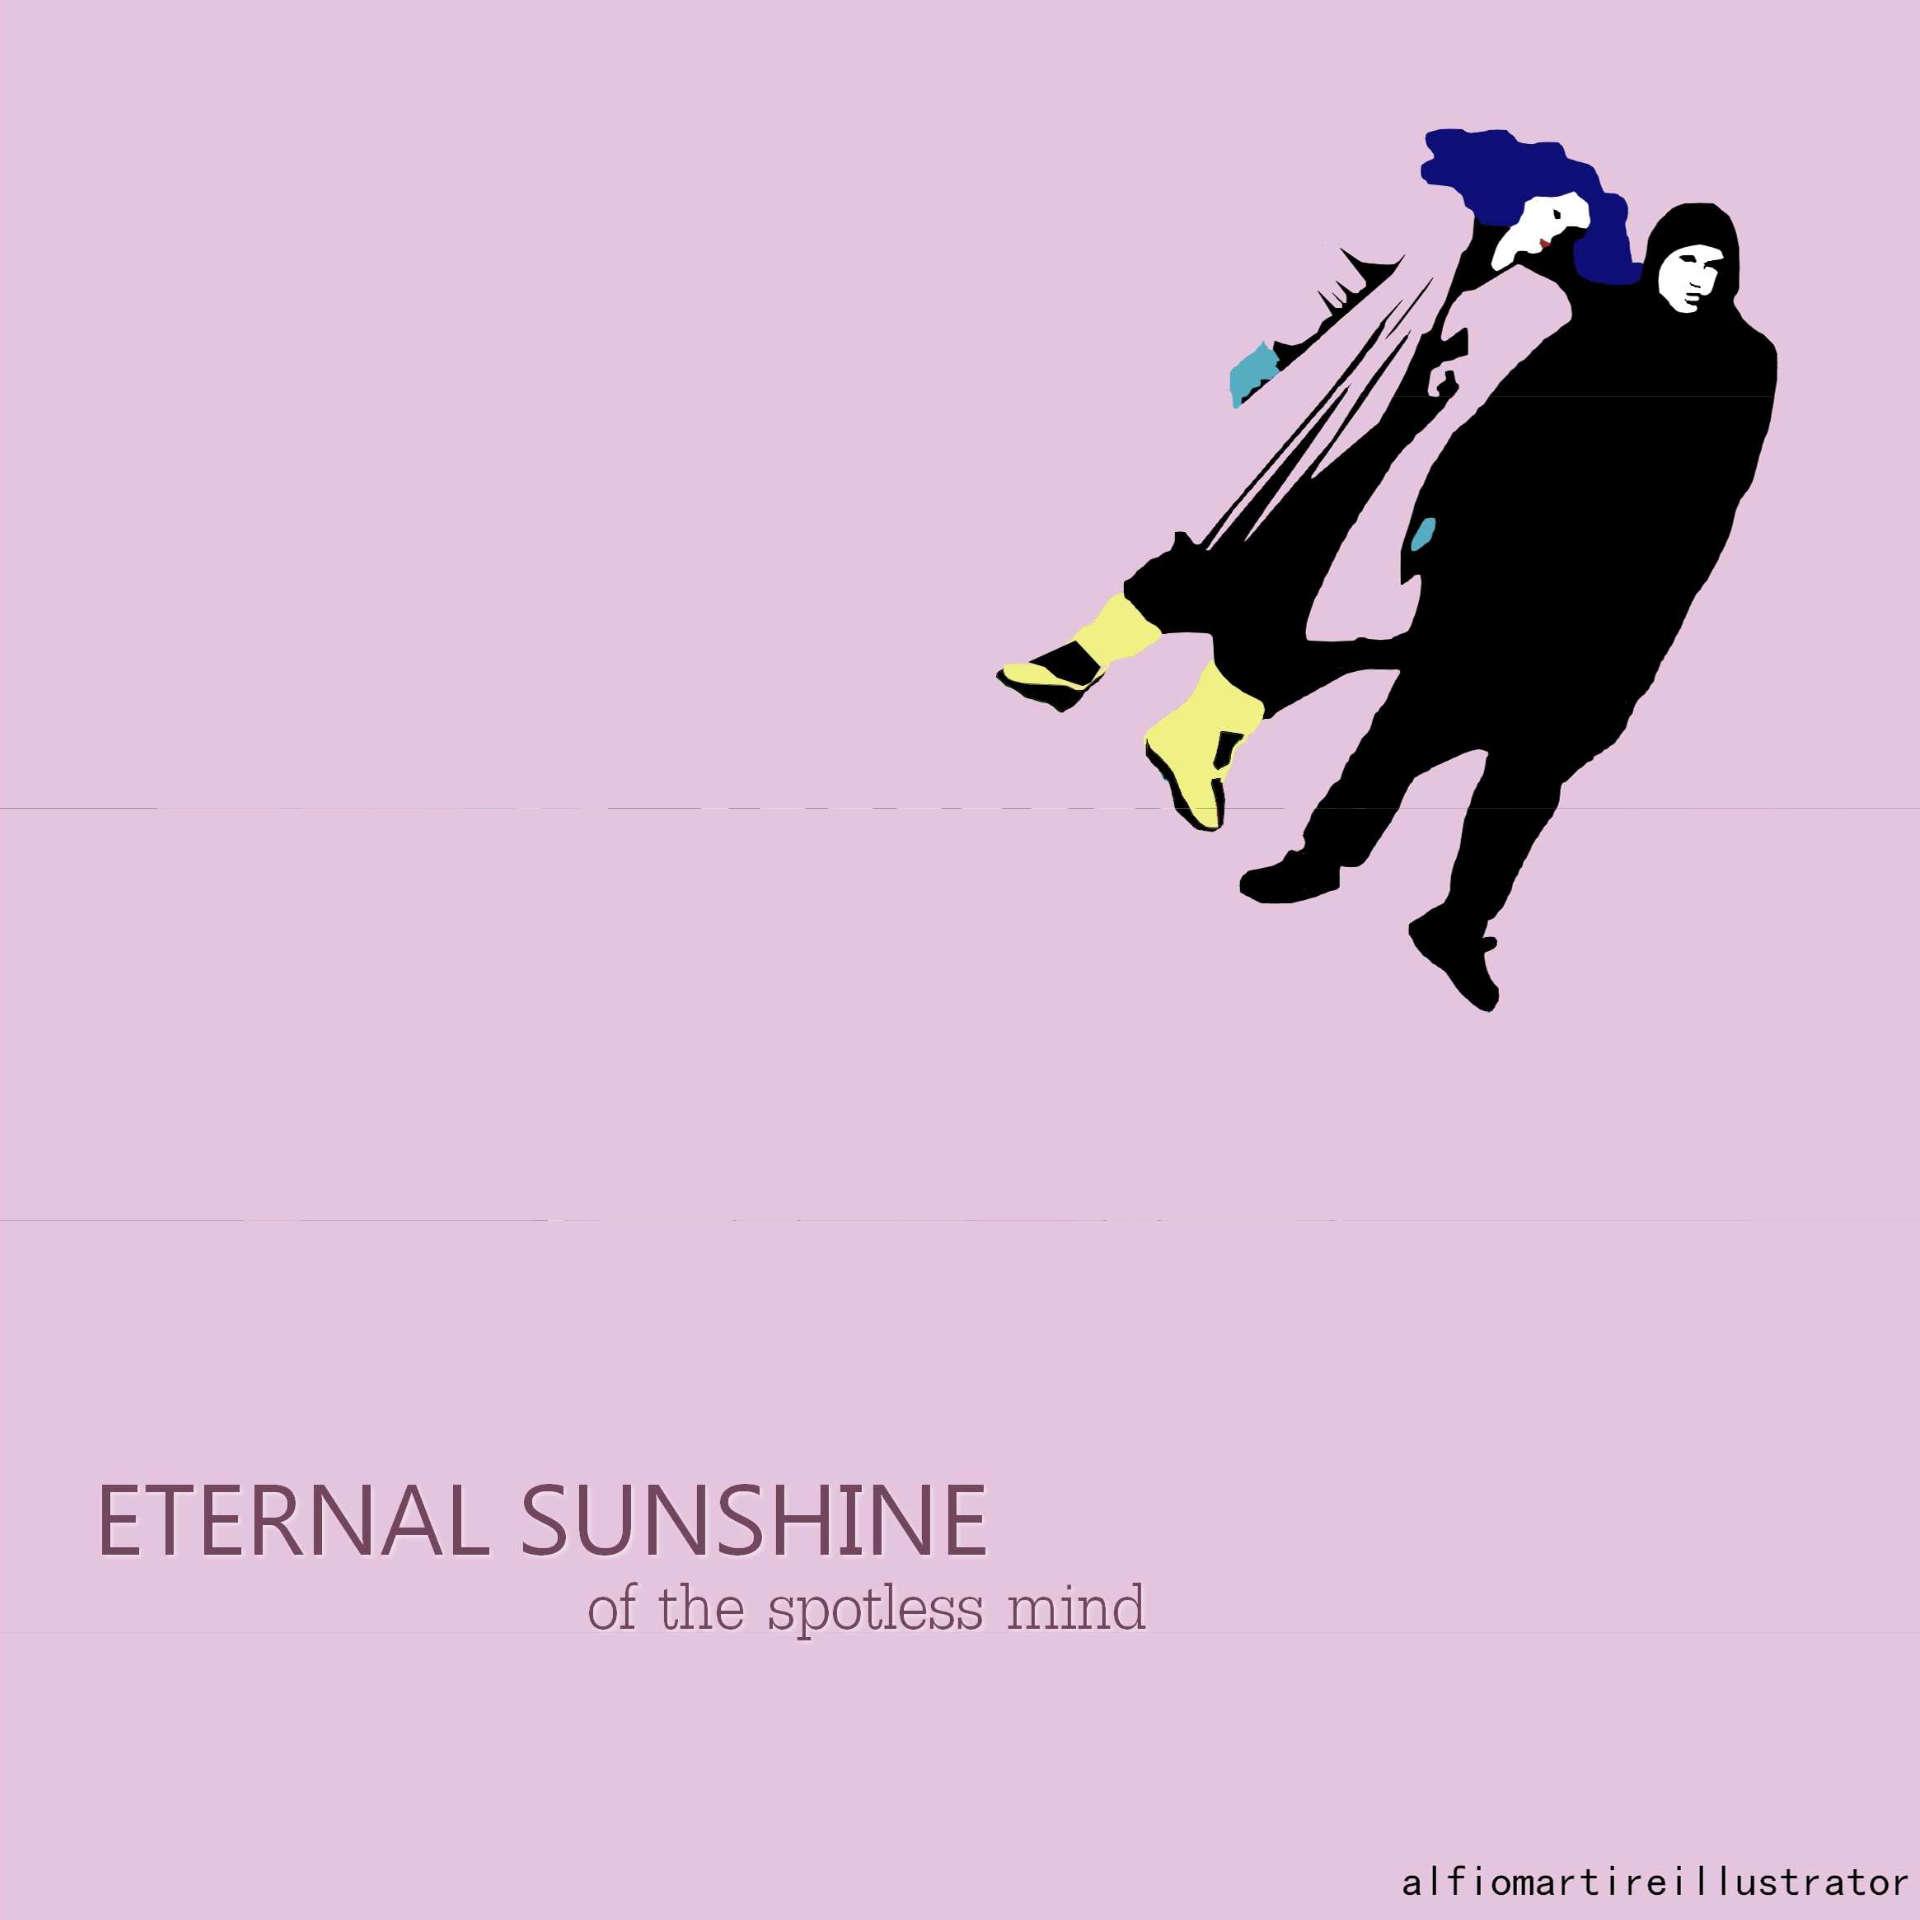 Se mi lasci ti cancello (Eternal Sunshine of the Spotless Mind), diretto da Michel Gondry, 2004